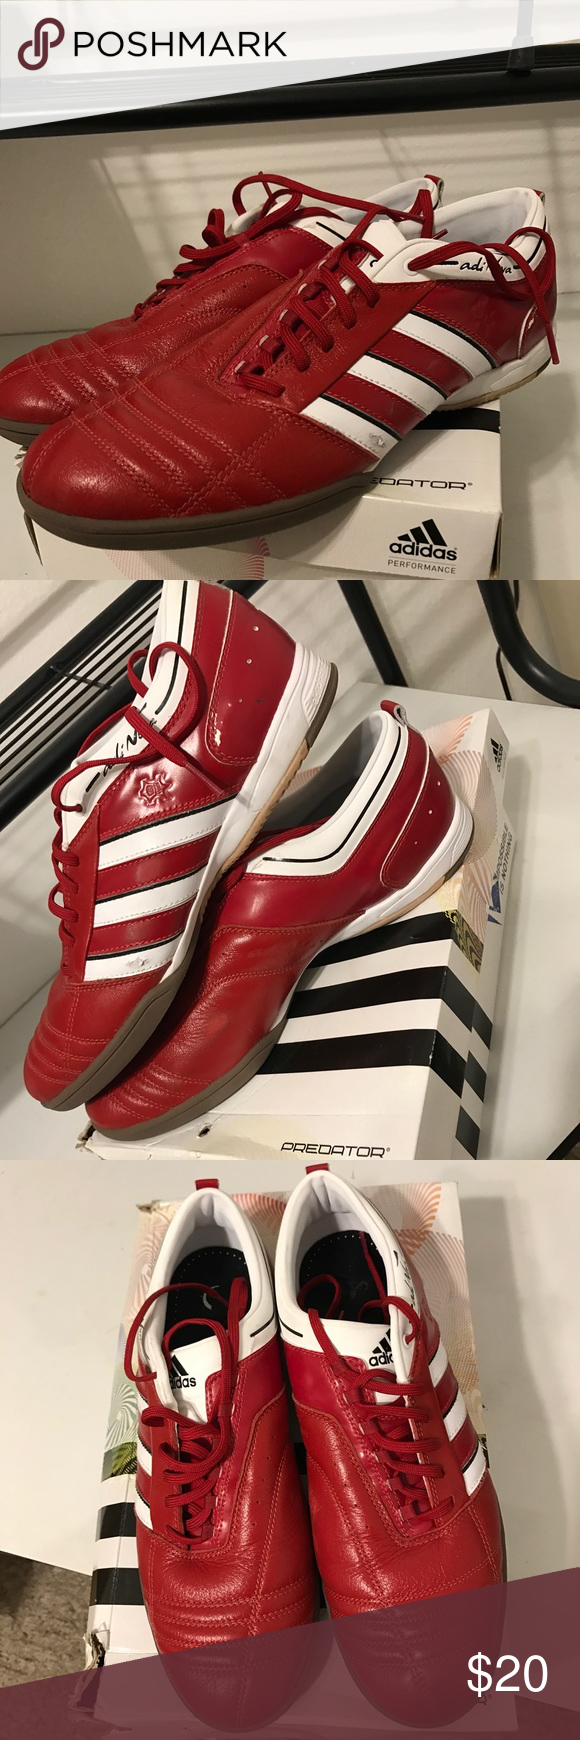 Di Nuovo Con Scatola Adidas Indoor Scarpe Adidas Nwt Indoor Soccer